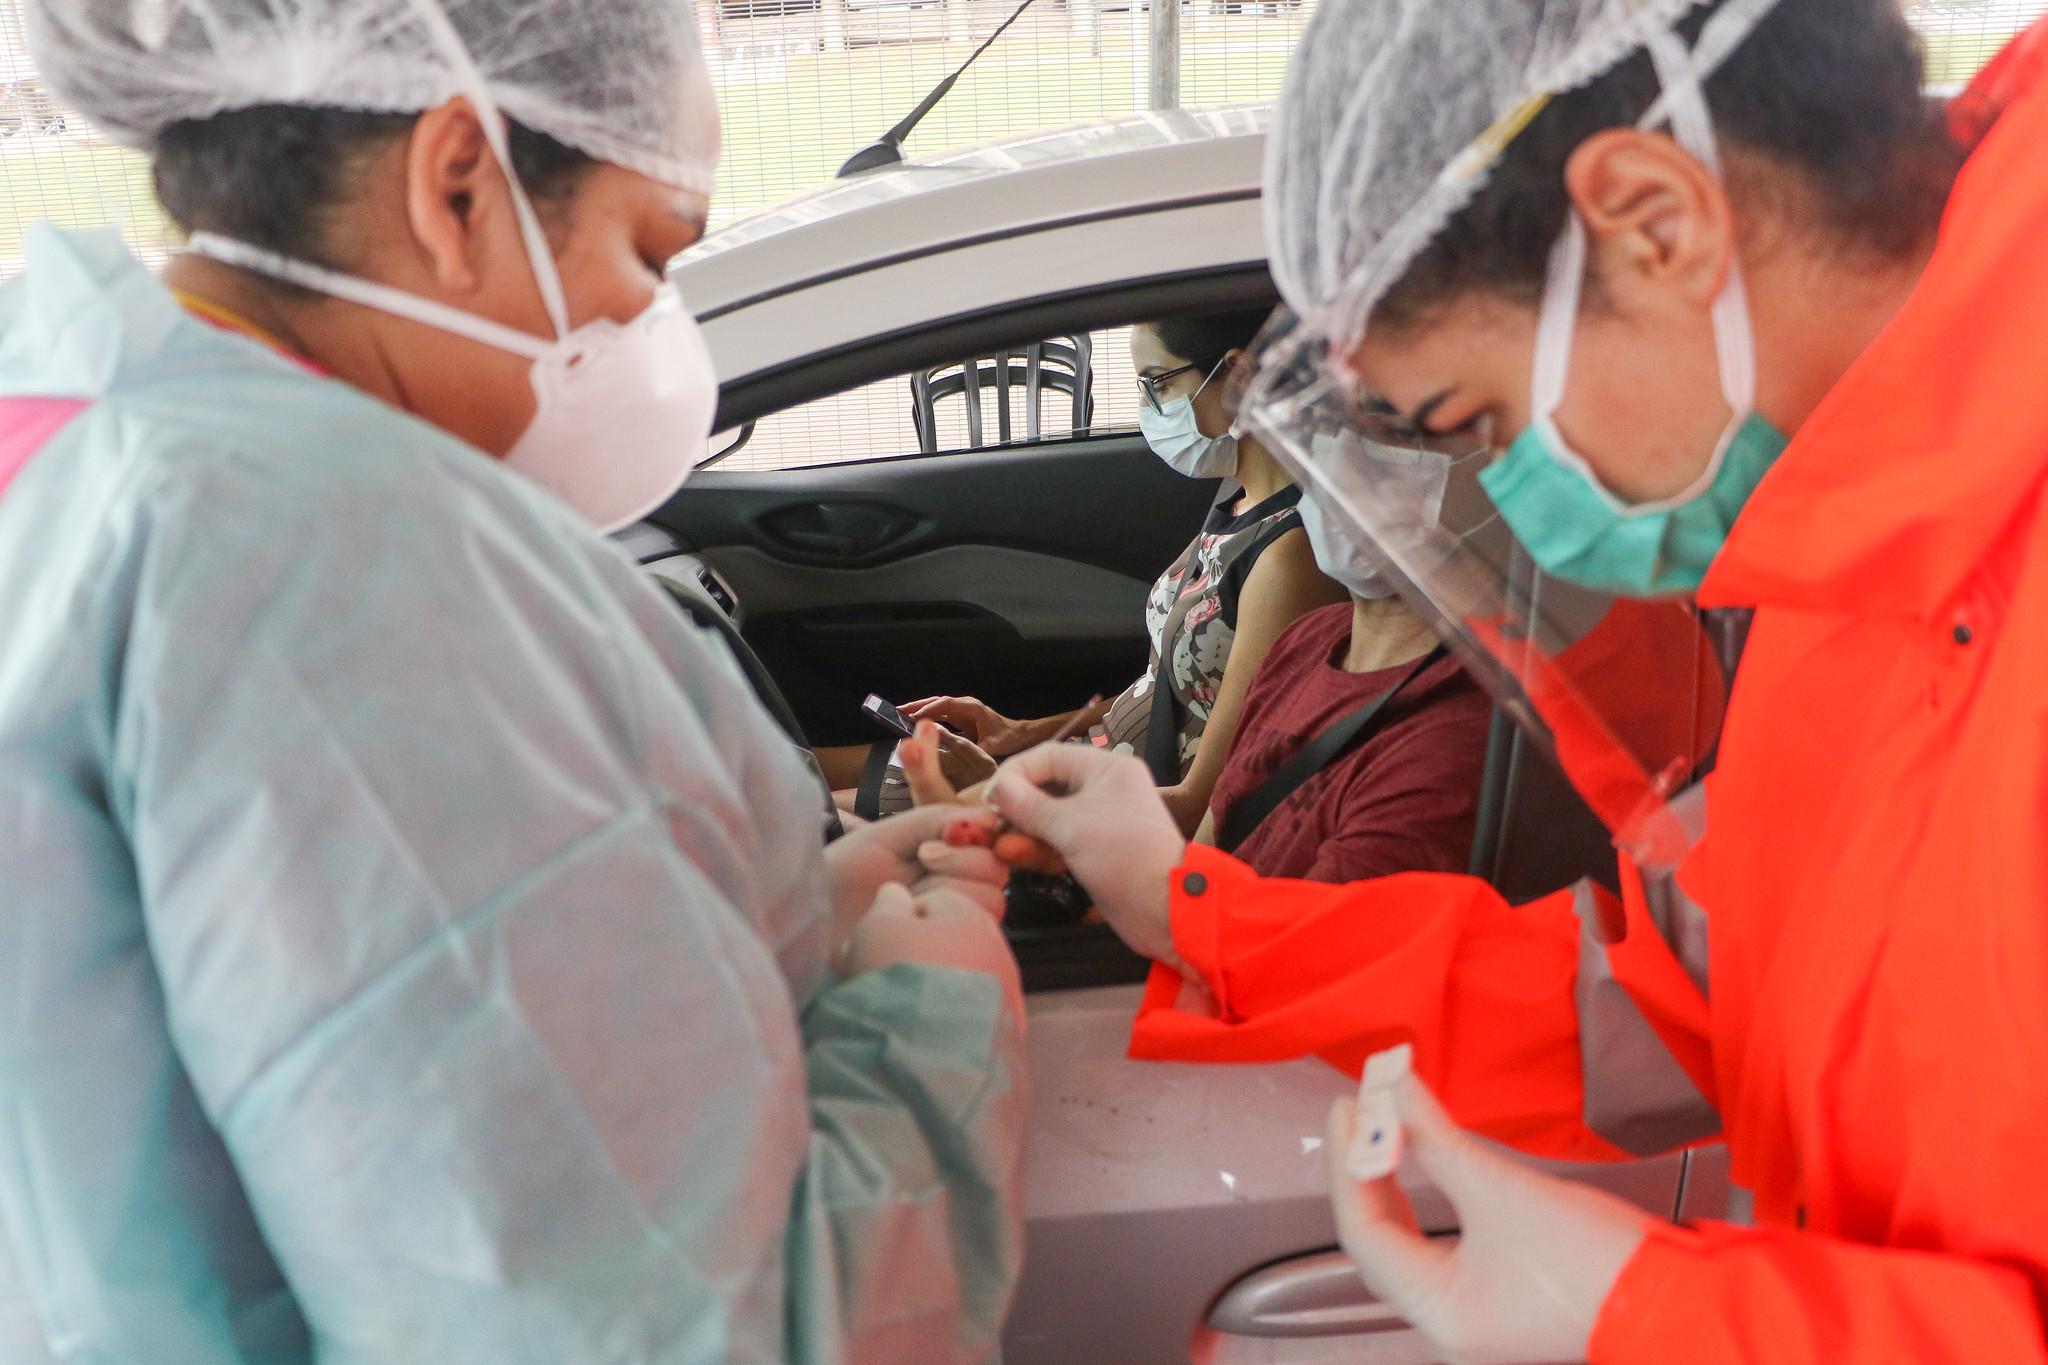 IMAGEM: Quase 3 milhões de testes para Covid seguem encalhados na Saúde